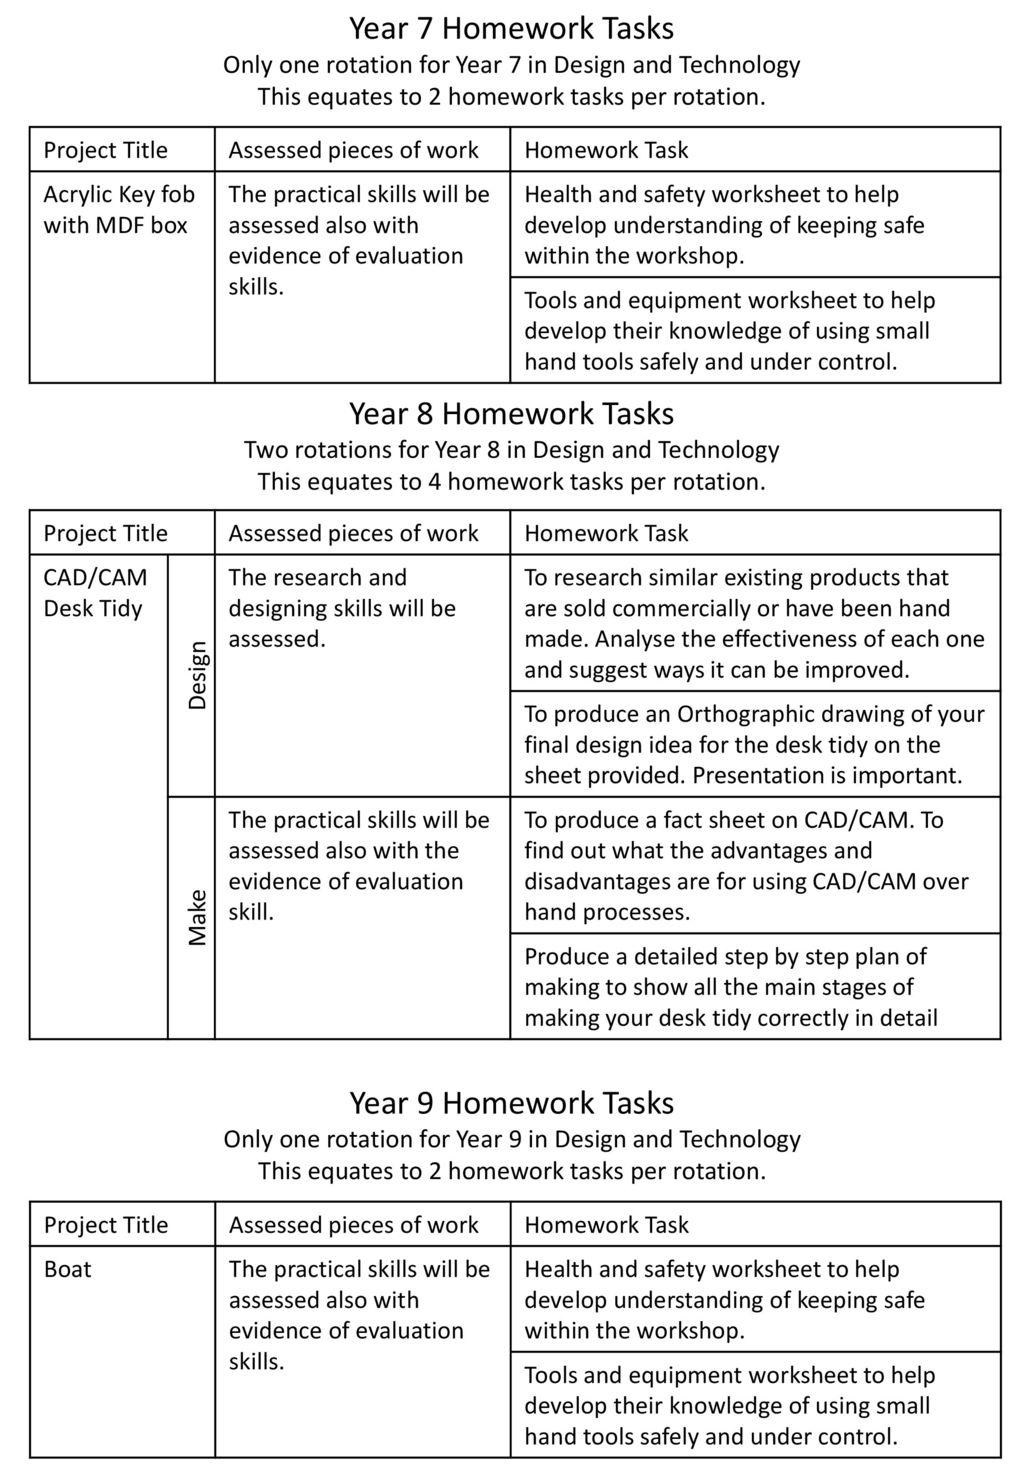 Year 7 Homework Tasks Year 8 Homework Tasks Year 9 Homework Tasks